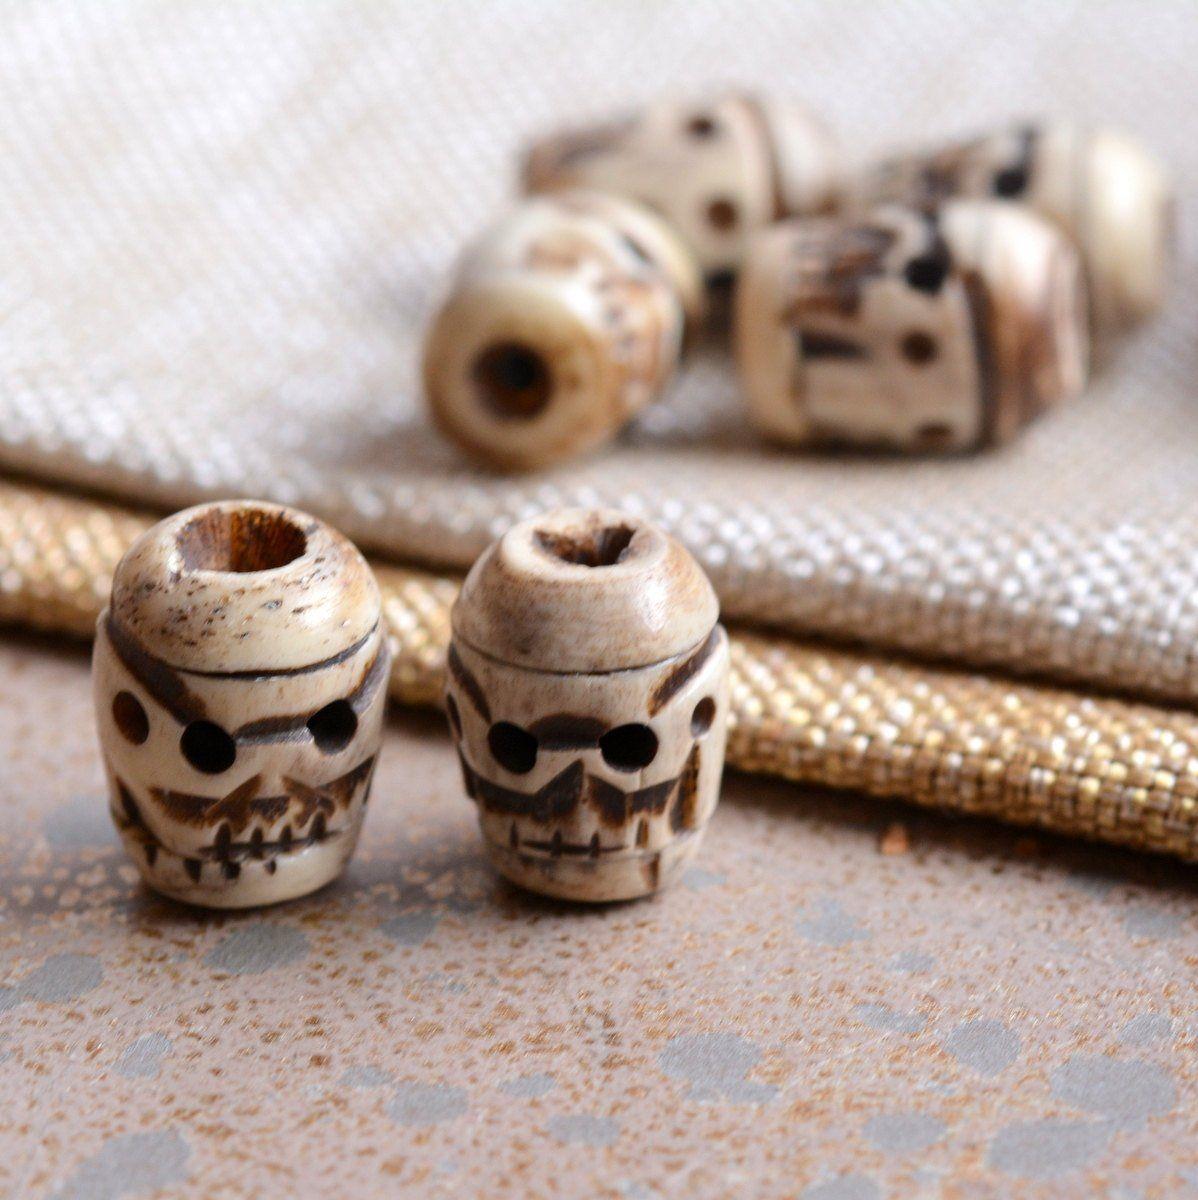 Bone Skull Beads Large Tibetan Skulls Antiqued Carved Bone Skull Beads Big Skull Beads Carved Bone Skull Mala Beads Foz17 0123l Beaded Skull Bone Beads Diy Jewelry Making Supplies